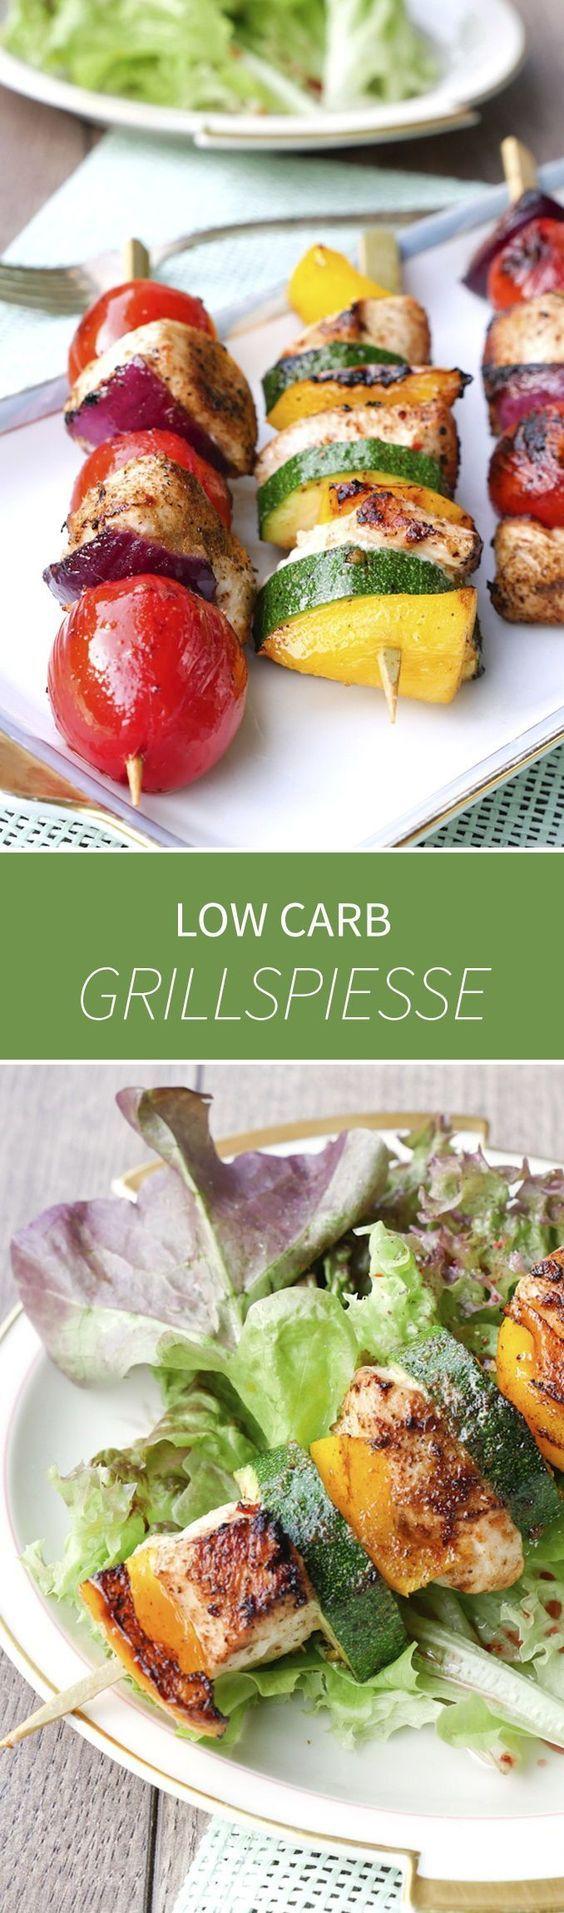 Low Carb Grillspieße mit Hähnchen und Gemüse